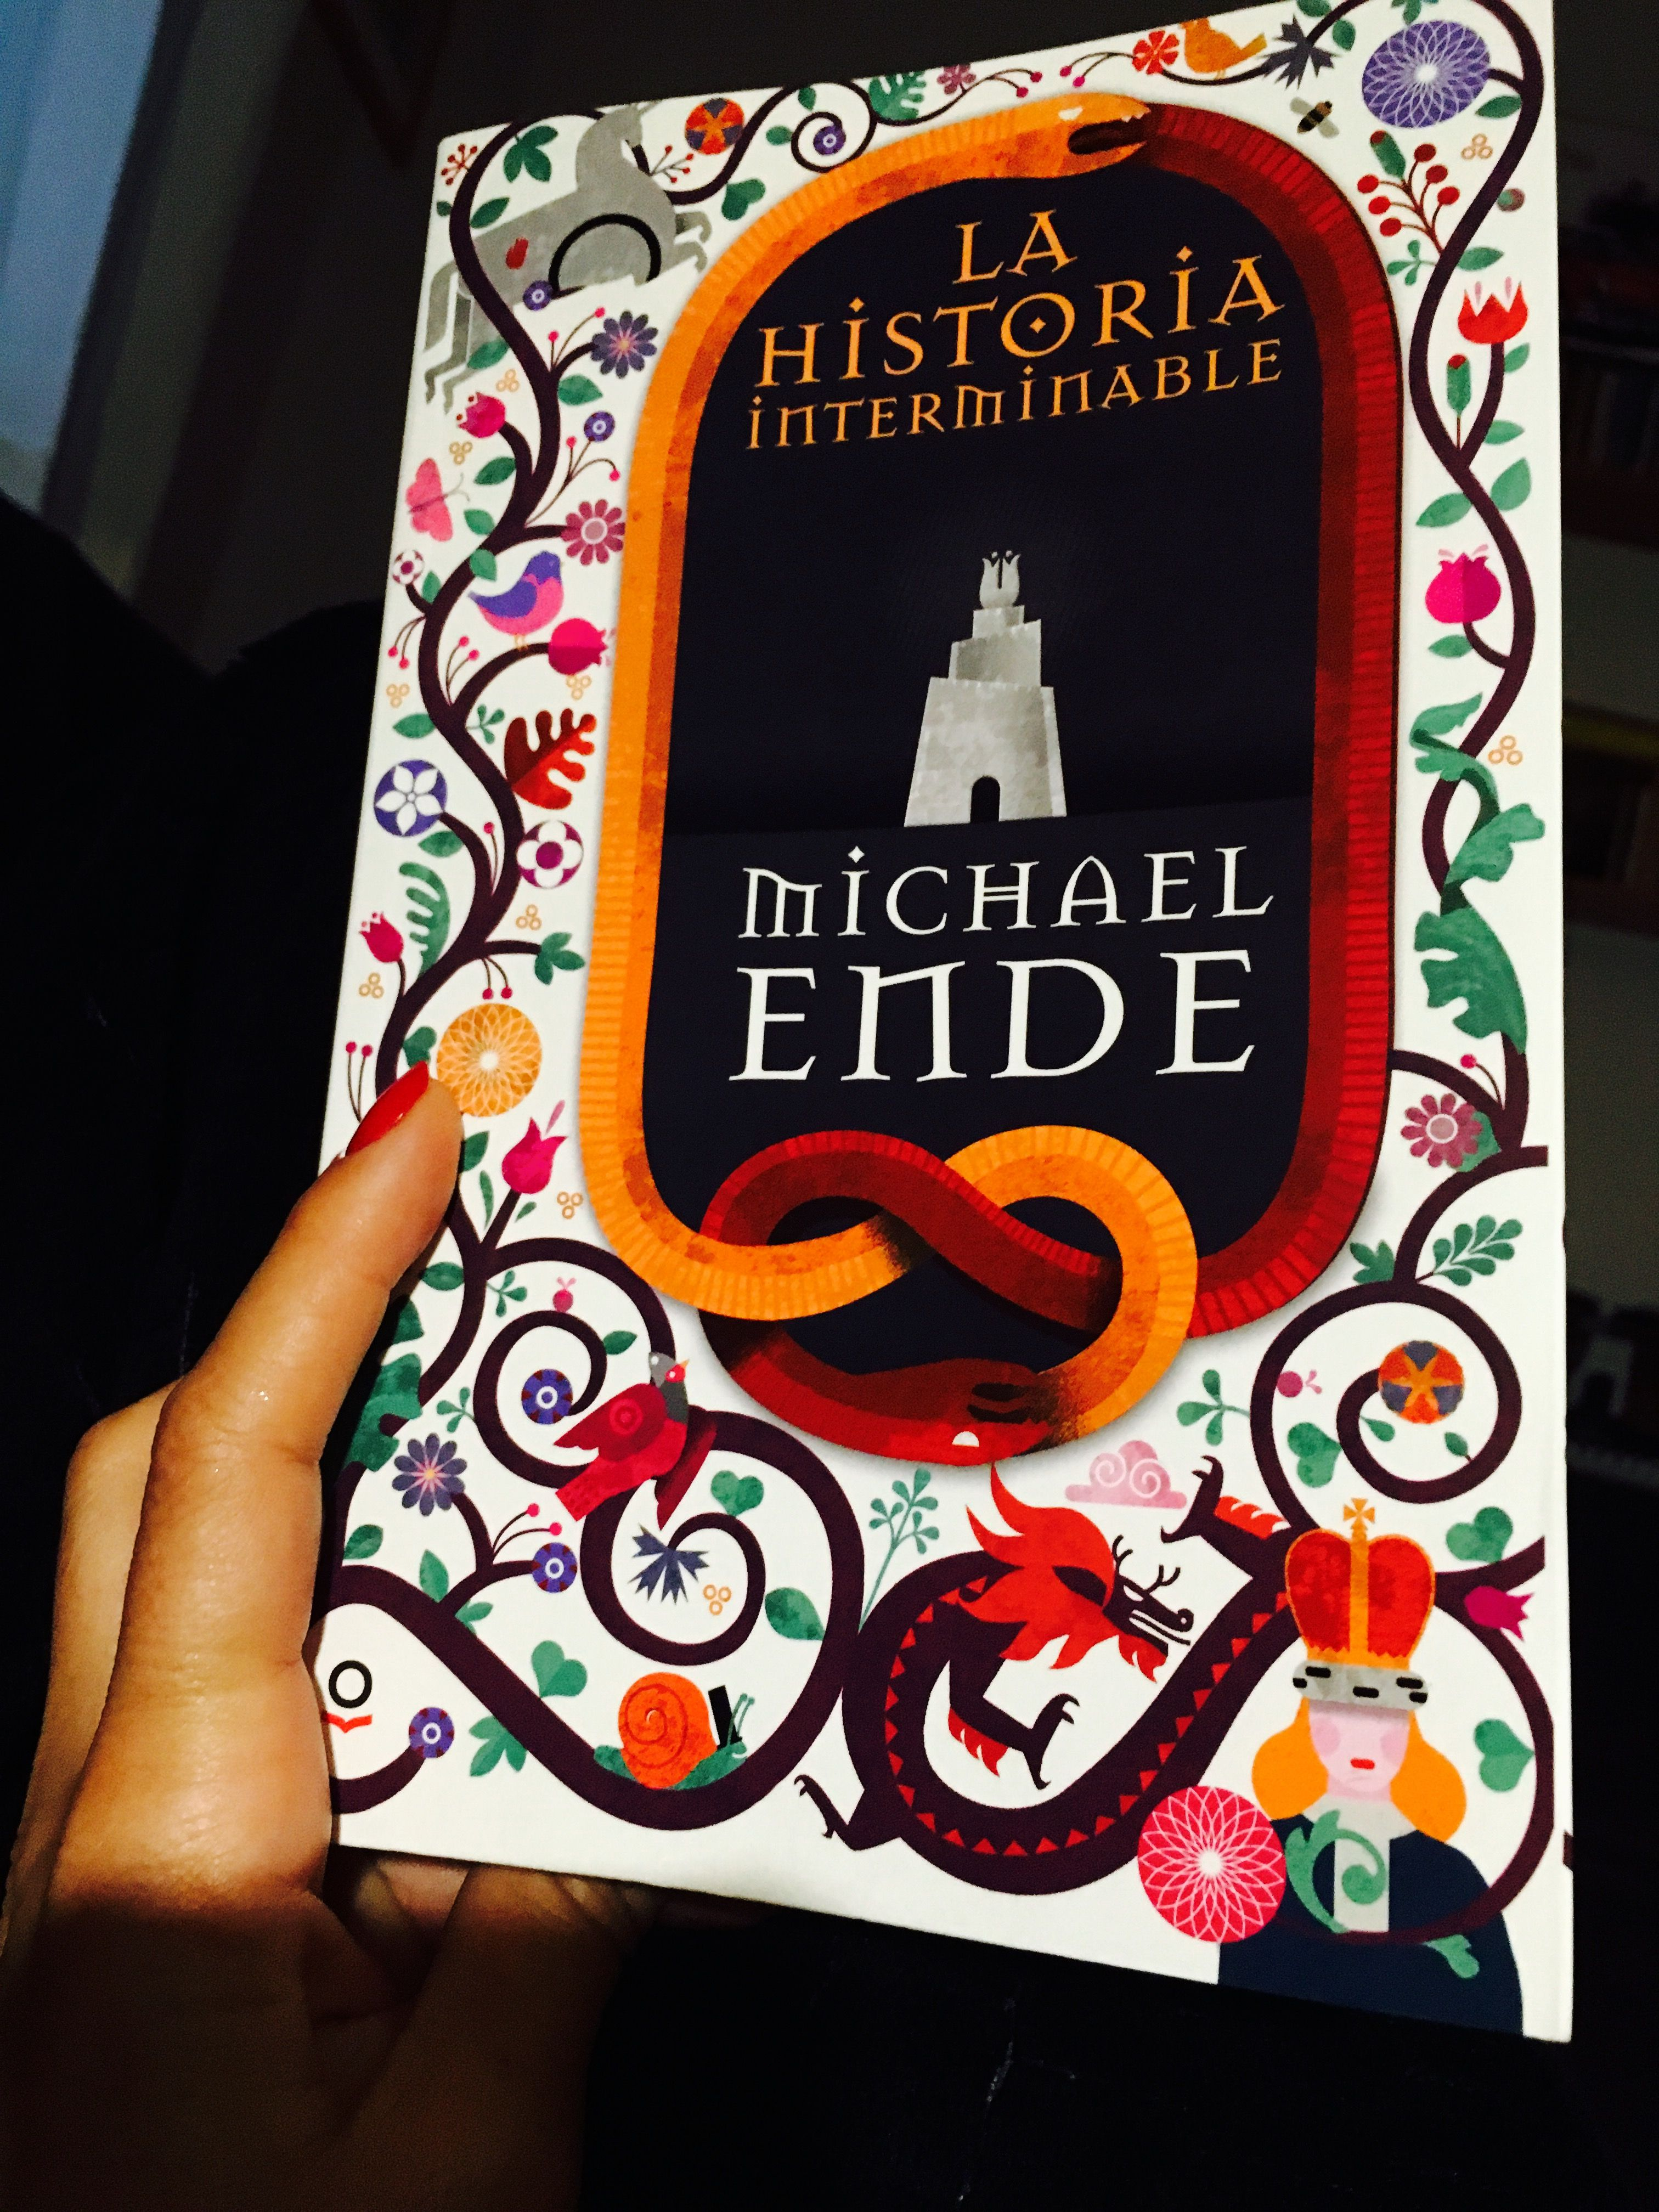 Releyendo El Libro Que Marcó Mi Infancia La Historia Interminable De Michael Ende 30 Años Después Me Sig Portadas De Libros La Historia Interminable Libros